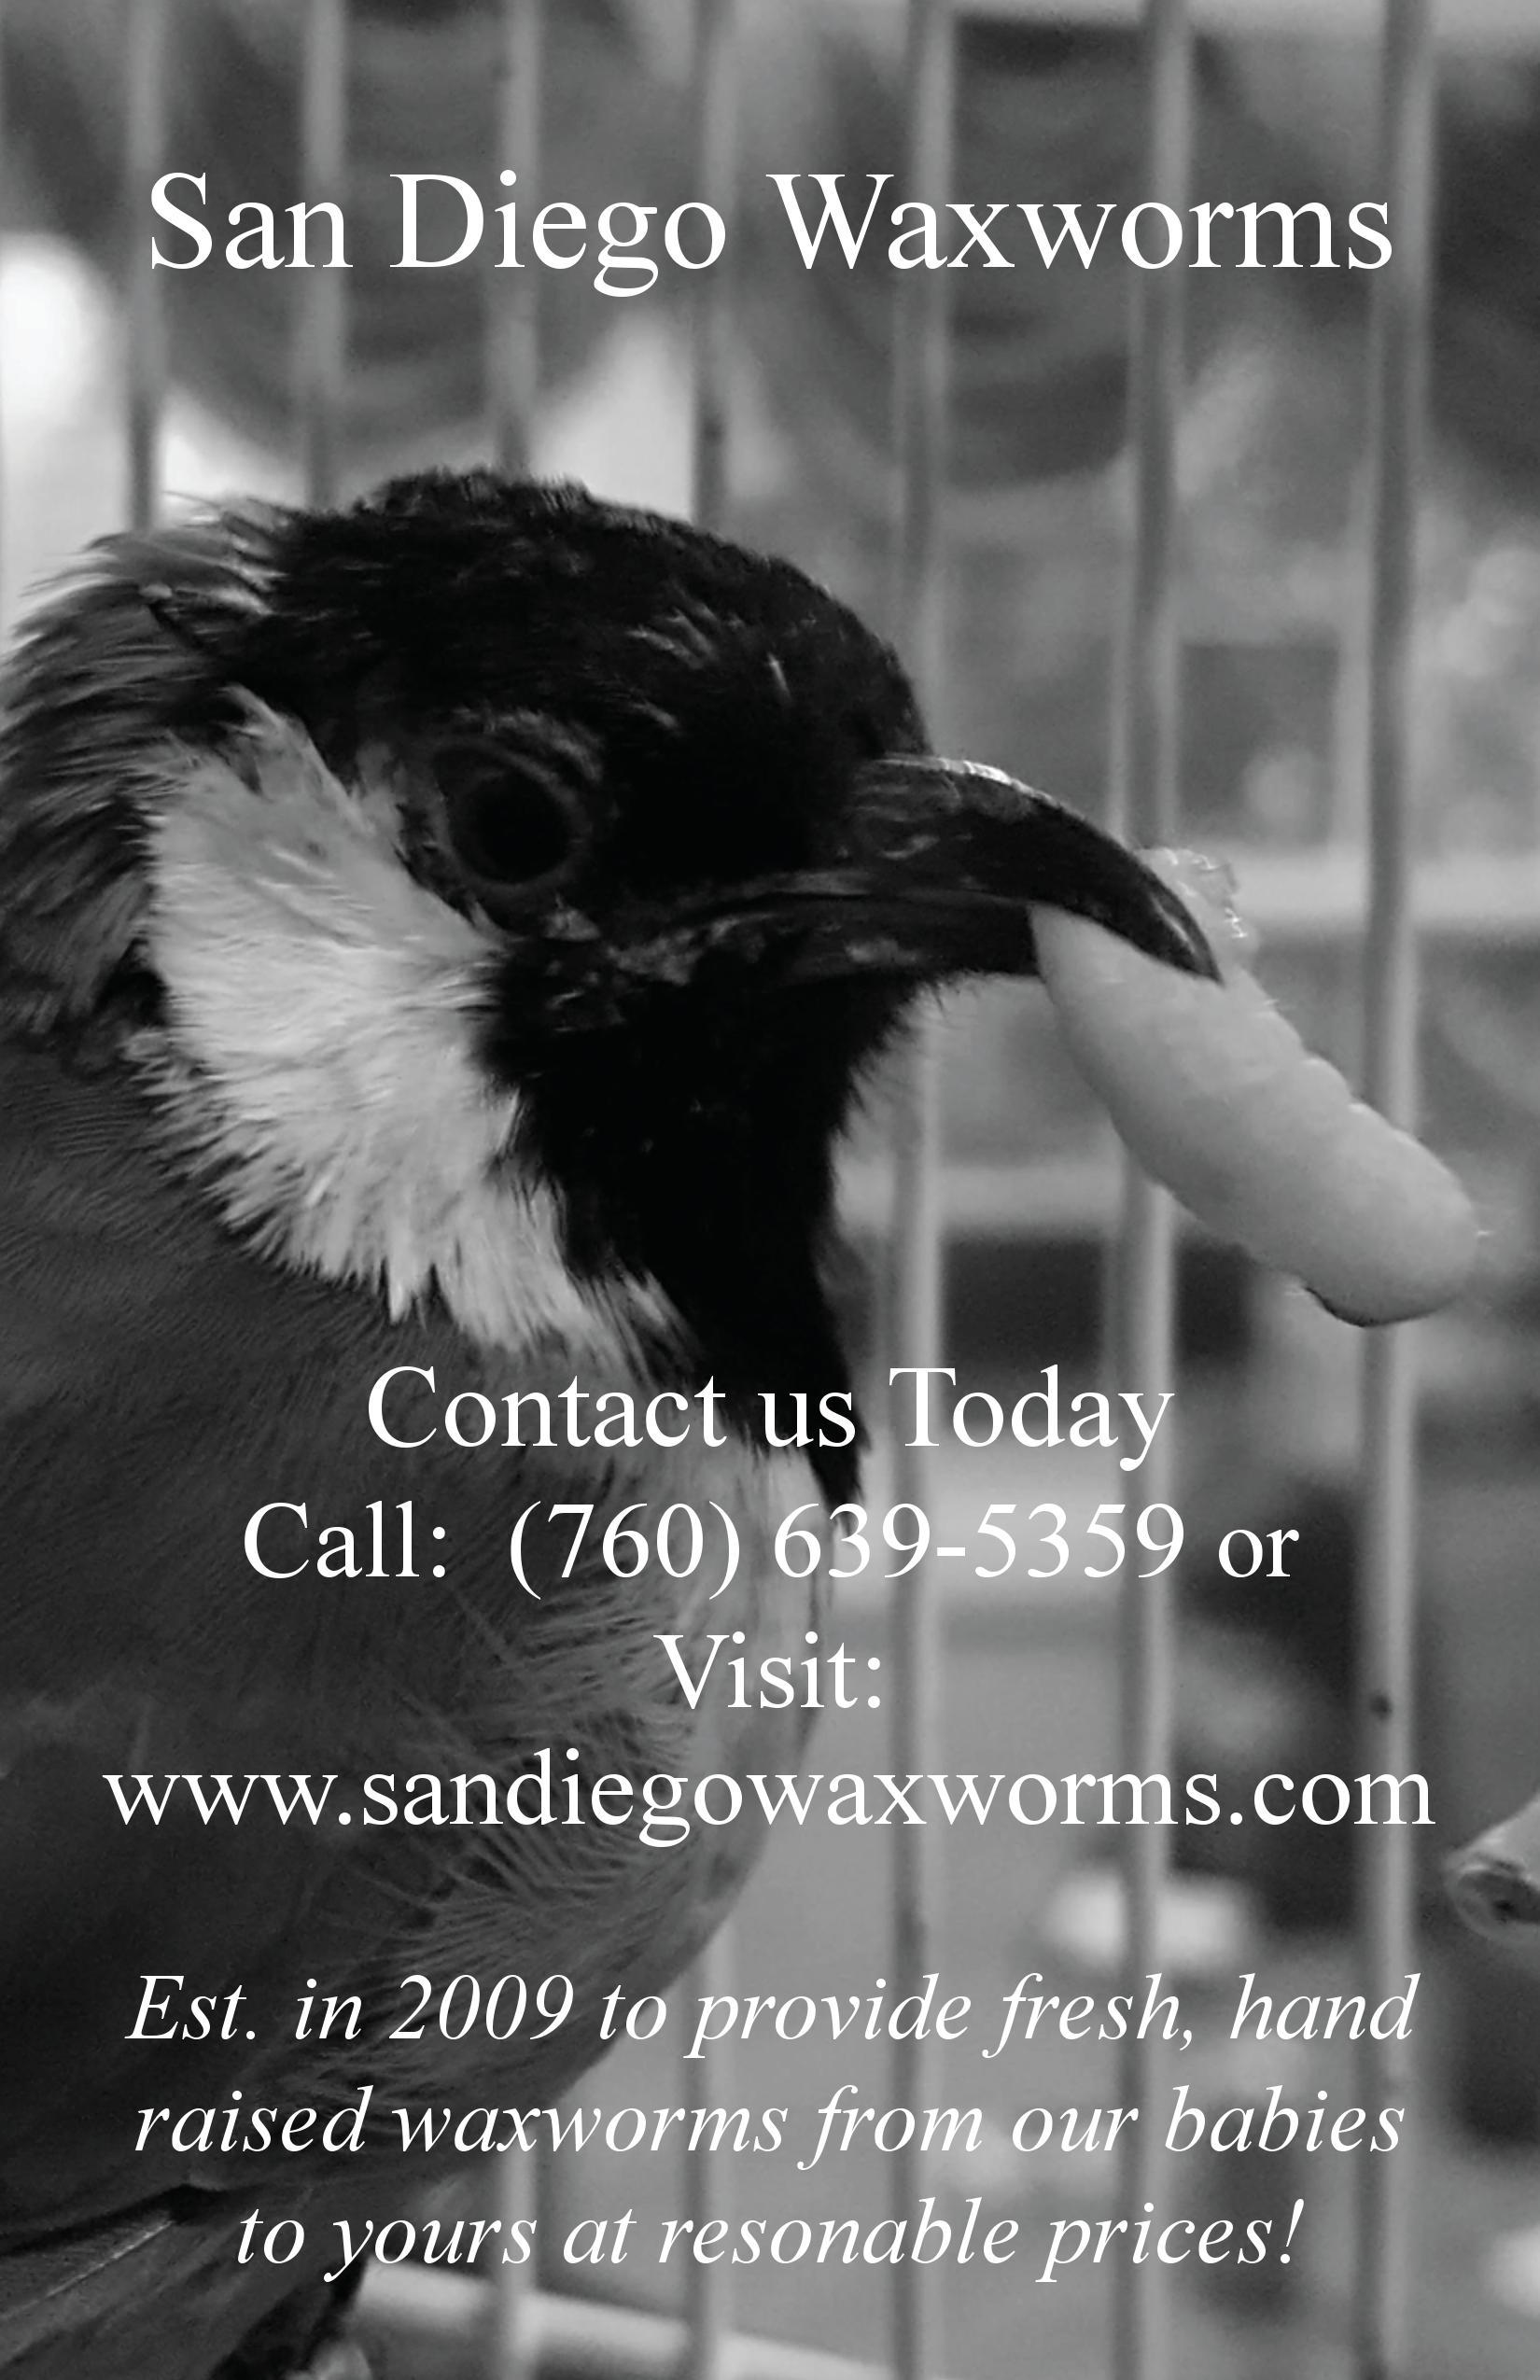 San Diego Waxworms